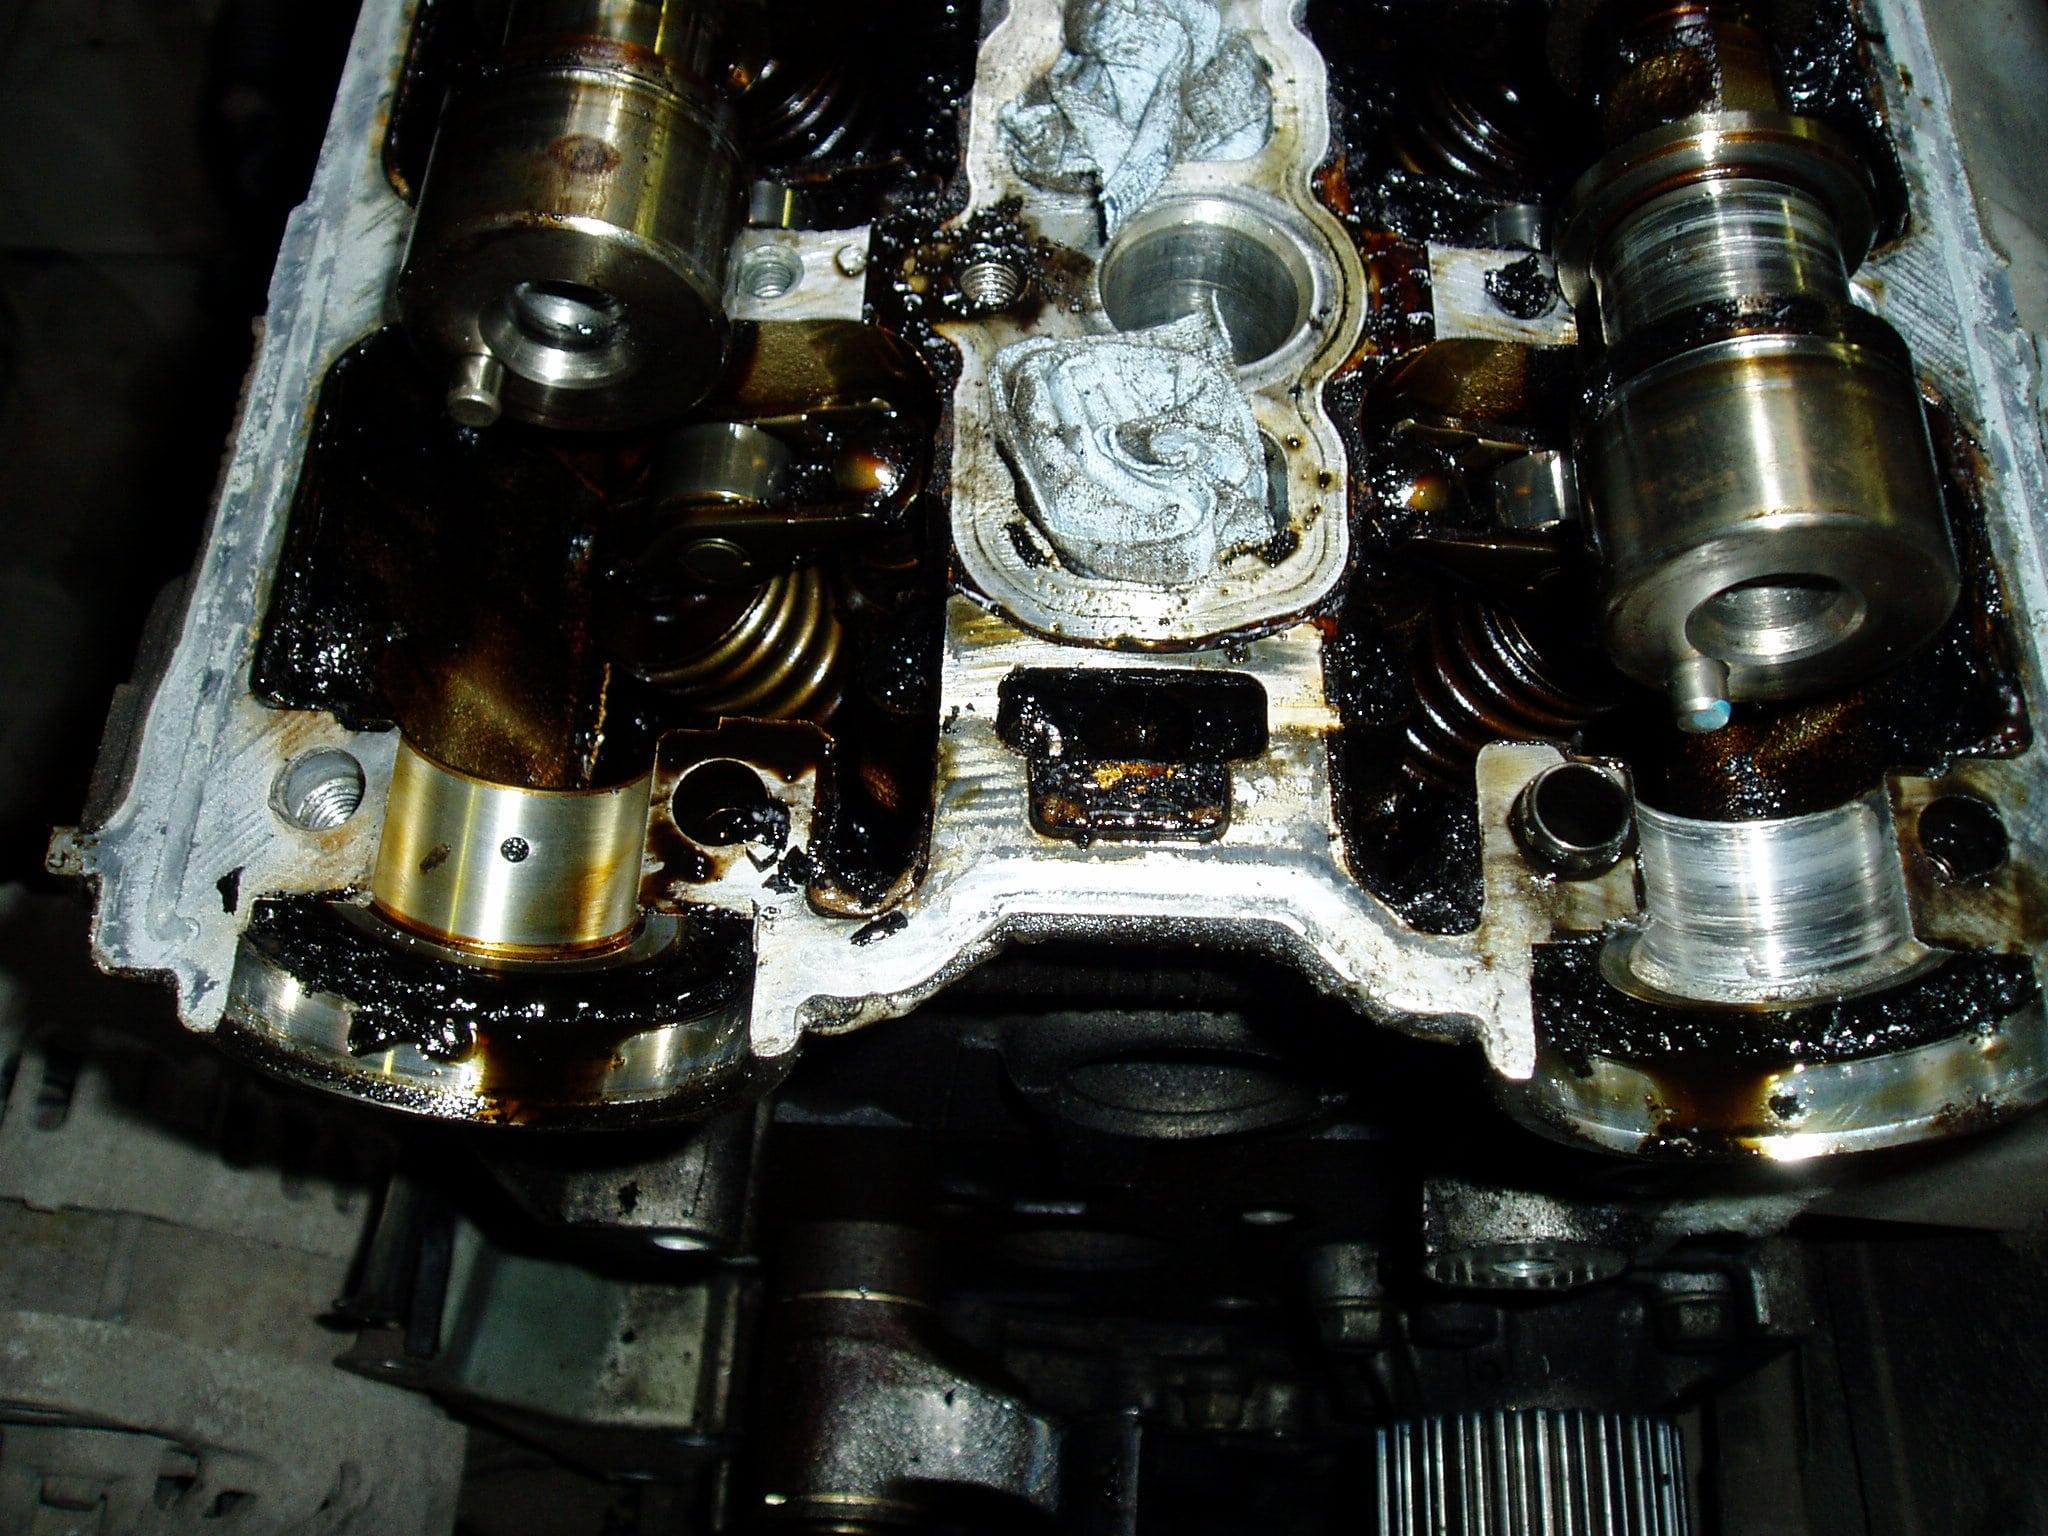 Pajero Pinin 1.8 GDI-Несвоевременная замена масла в двигателе. Была заменена Головка блока цилиндров